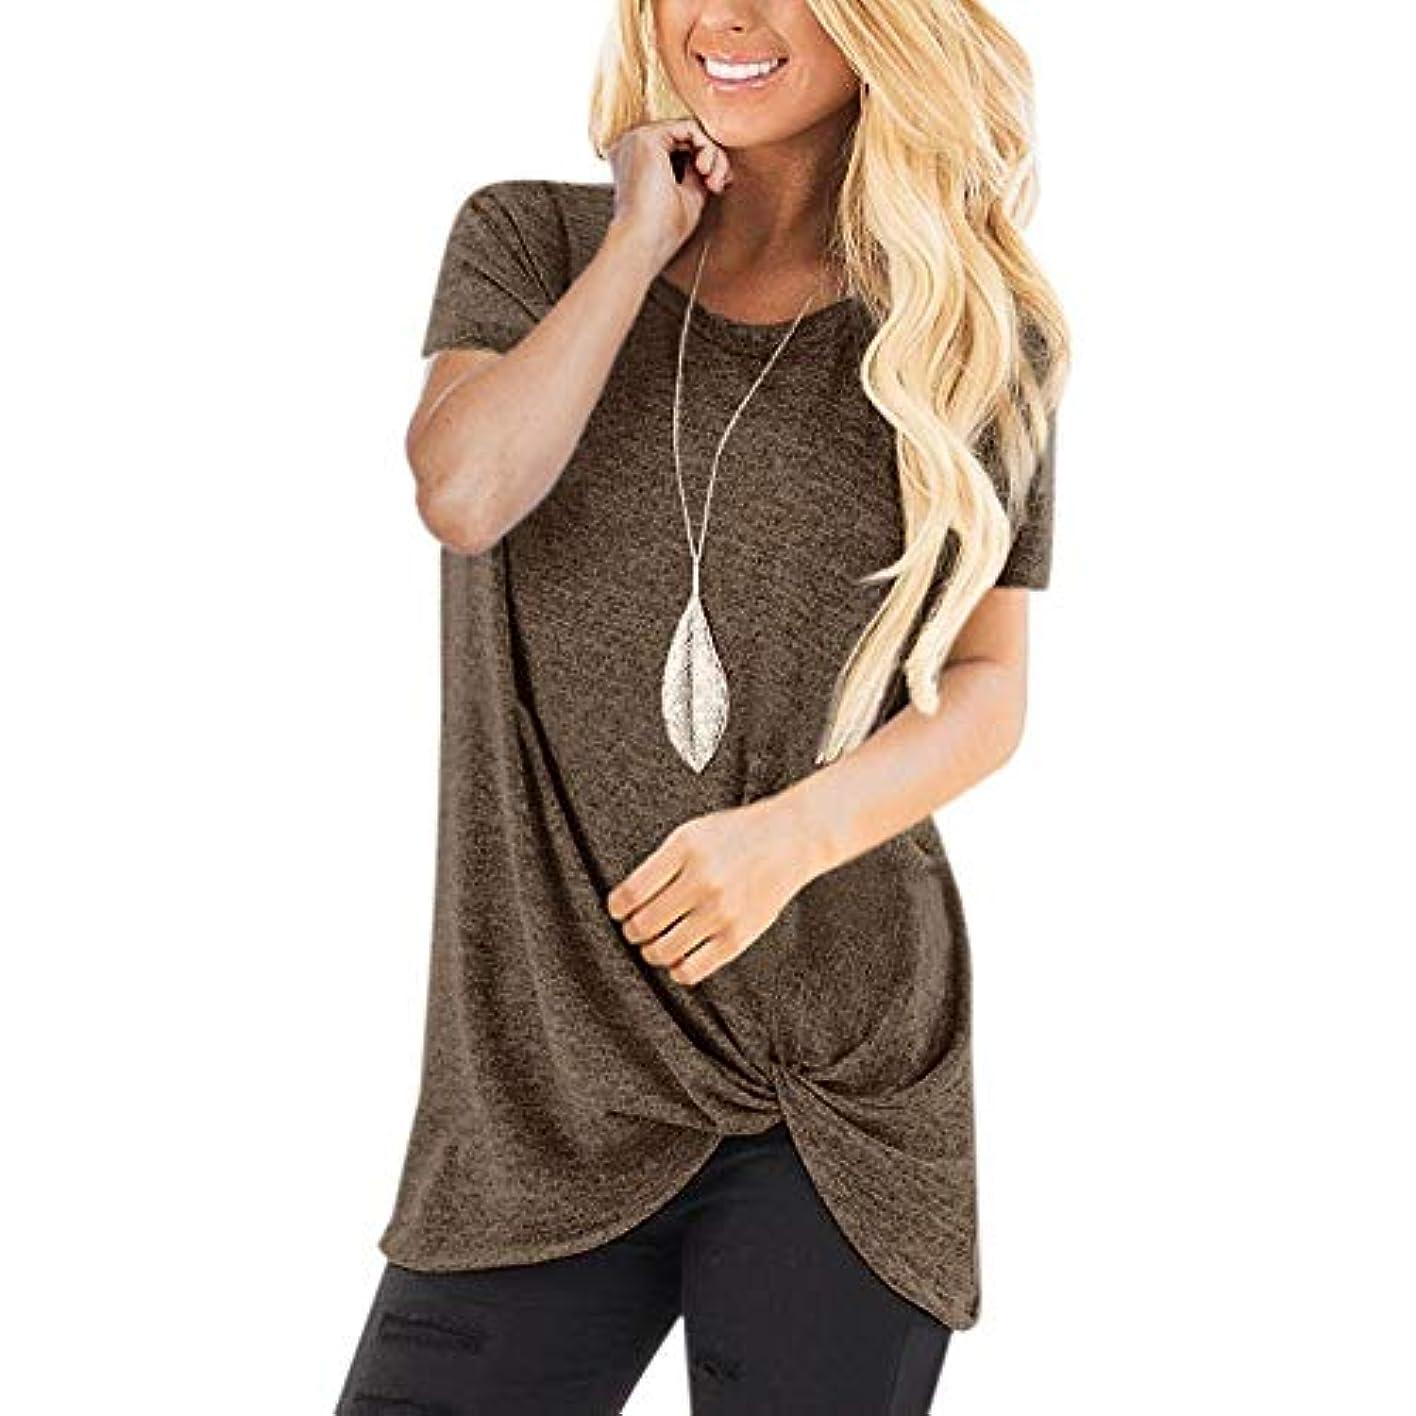 健康的インサート電気技師MIFAN コットンTシャツ、カジュアルTシャツ、レディースブラウス、トップス&Tシャツ、プラスサイズ、ルーズtシャツ